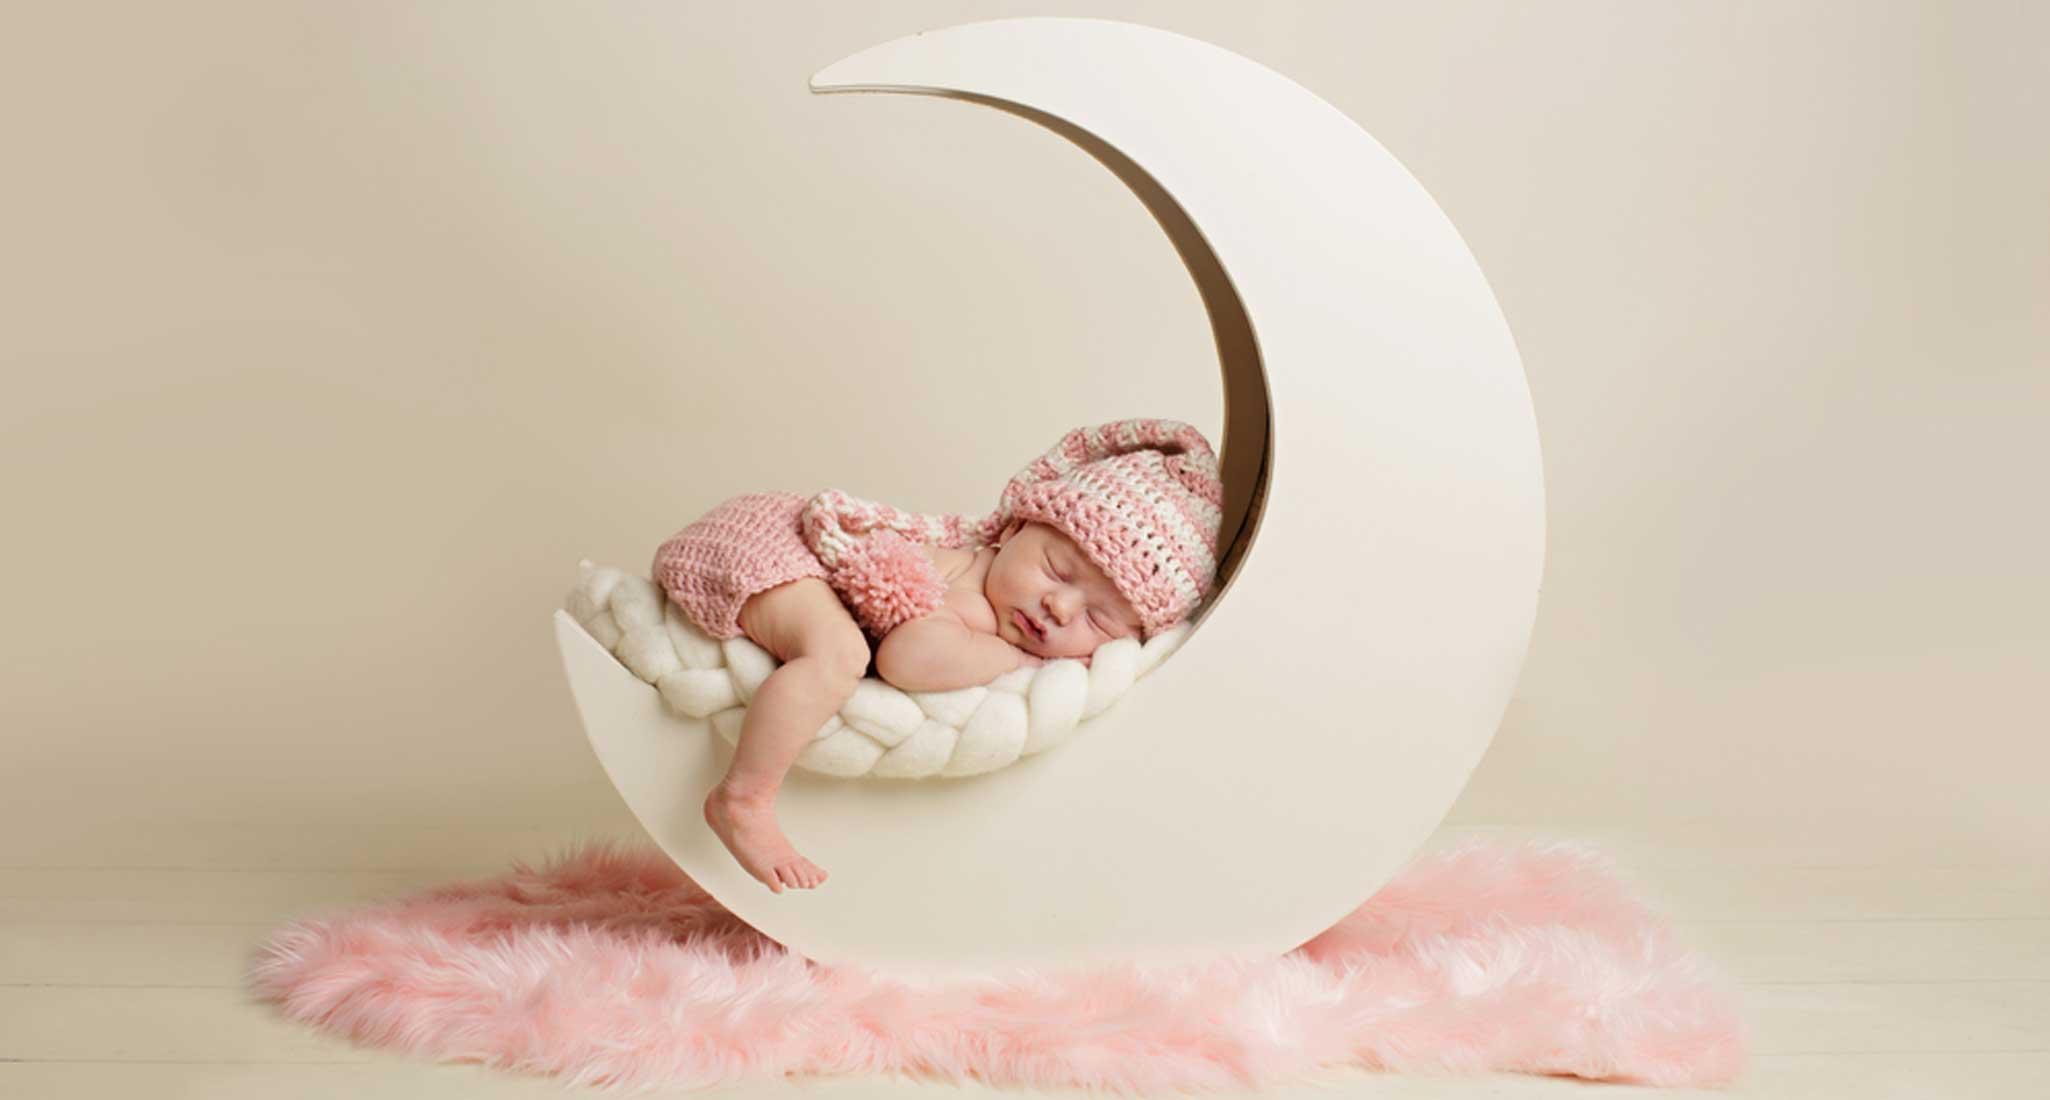 Hogyan altassuk a kisbabát?